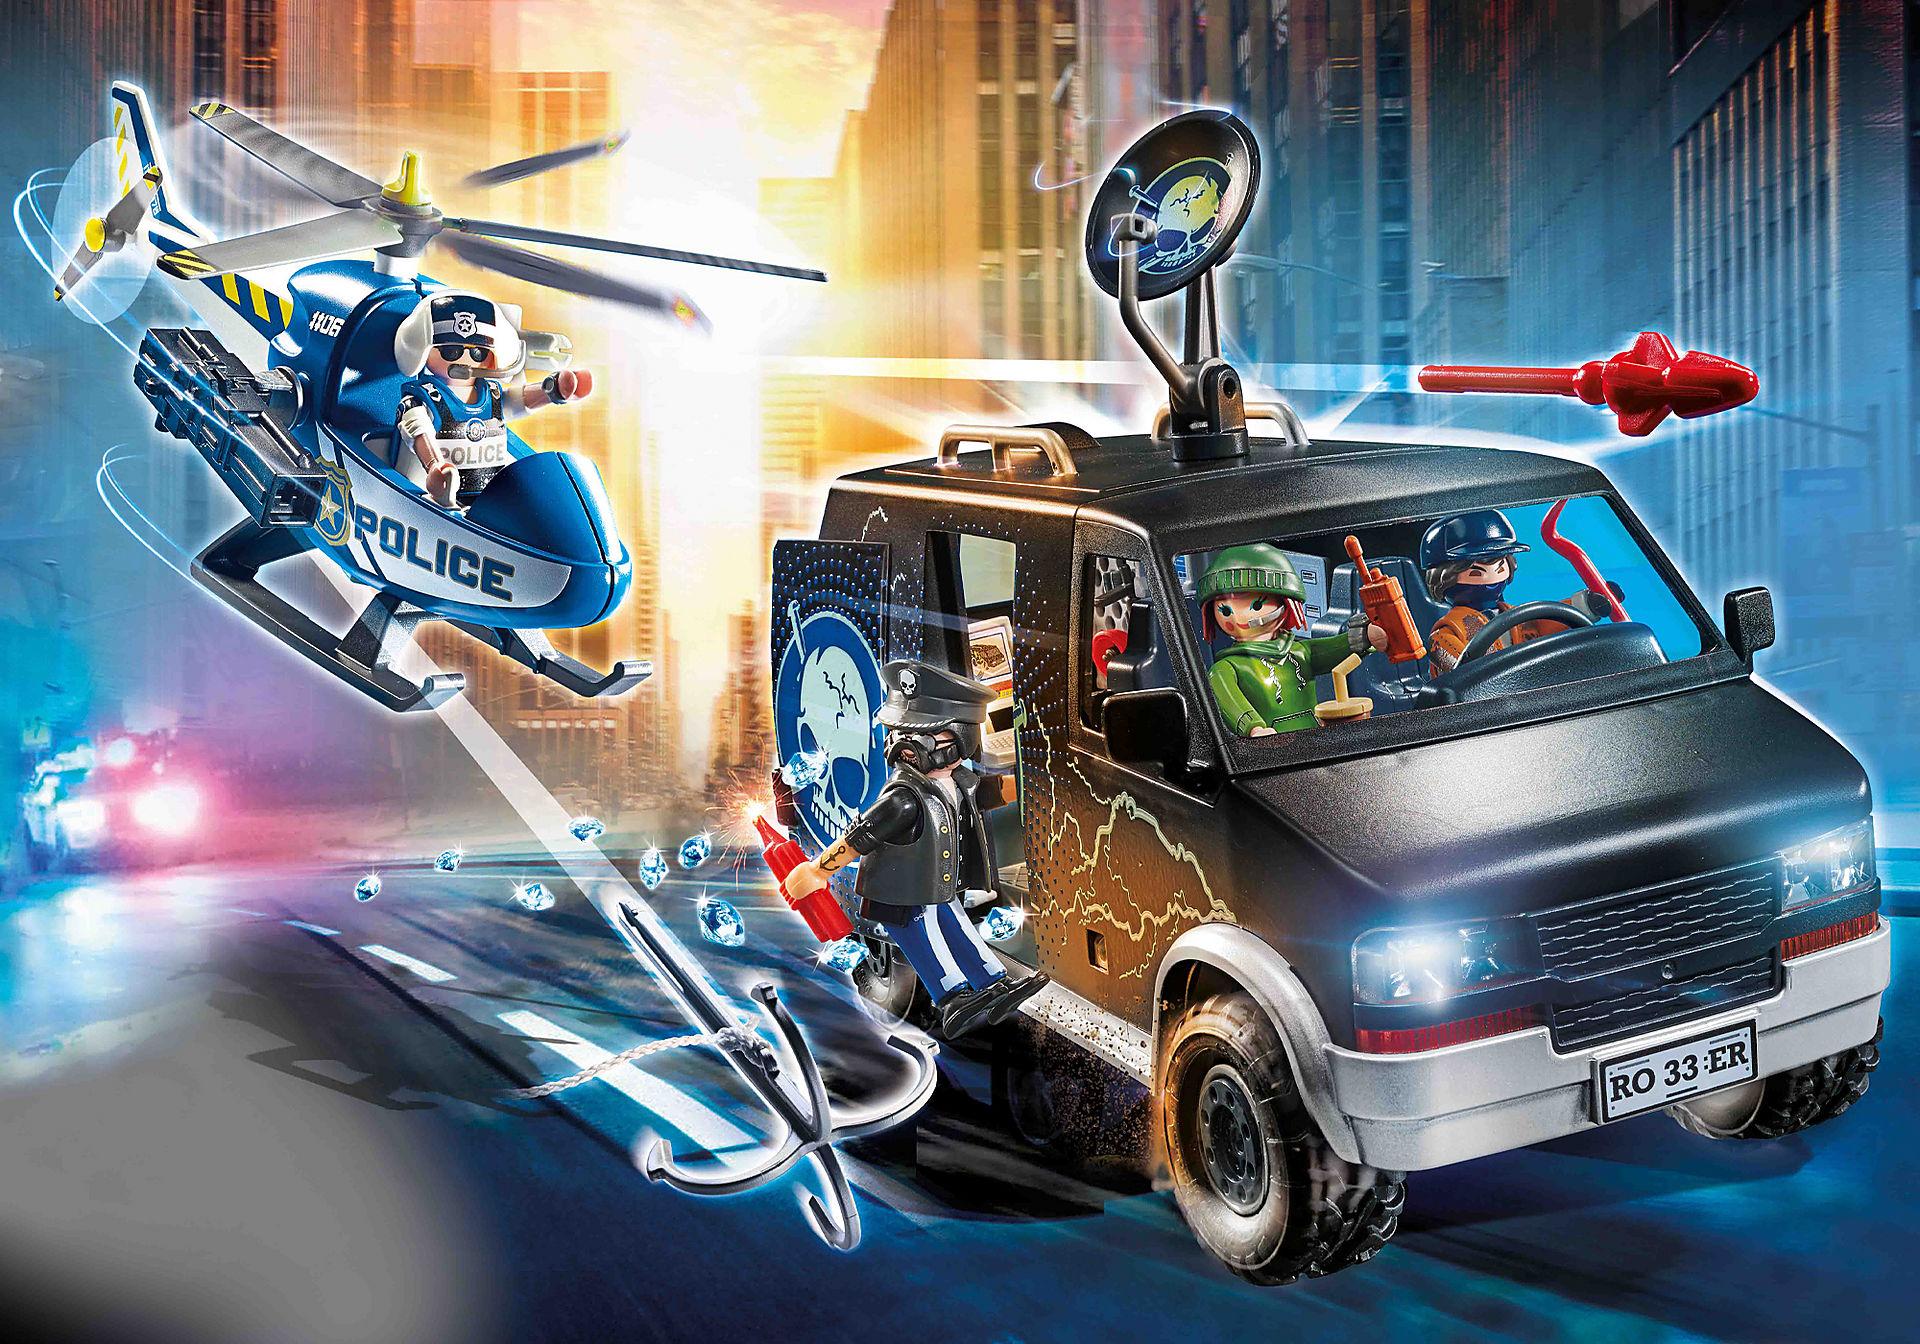 70575 Policyjny helikopter: pościg za uciekającym samochodem zoom image1